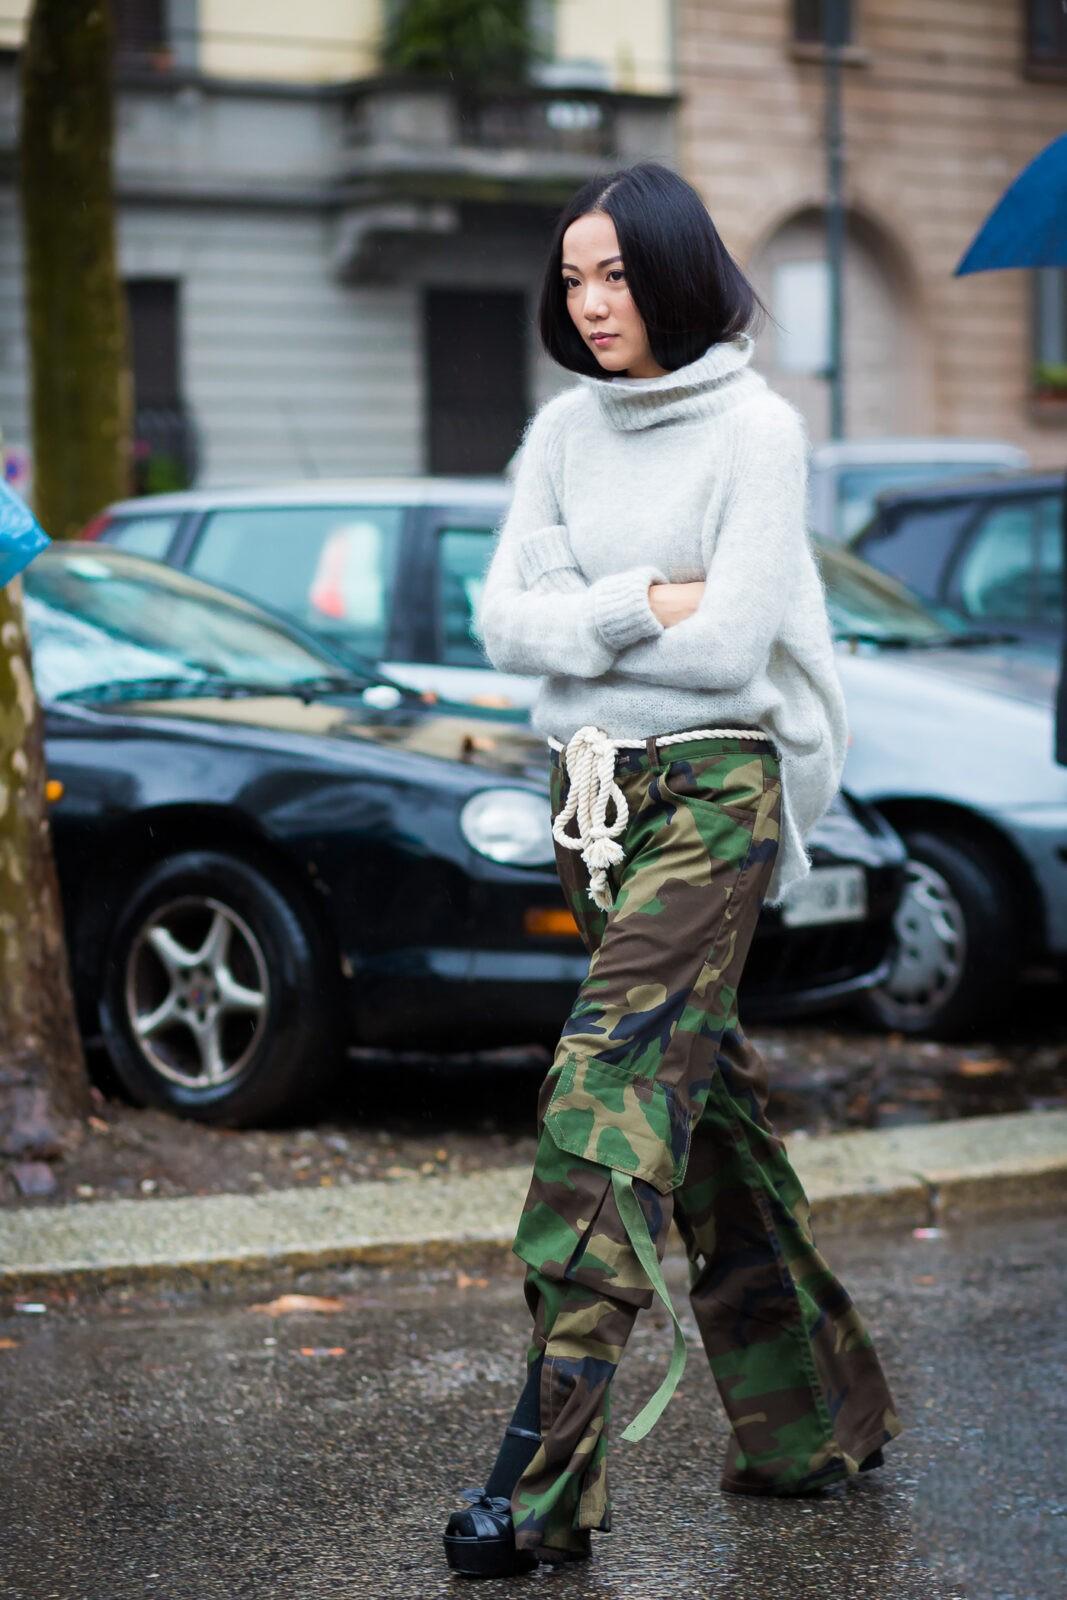 Yoyo Cao stylebook edit seven camouflage